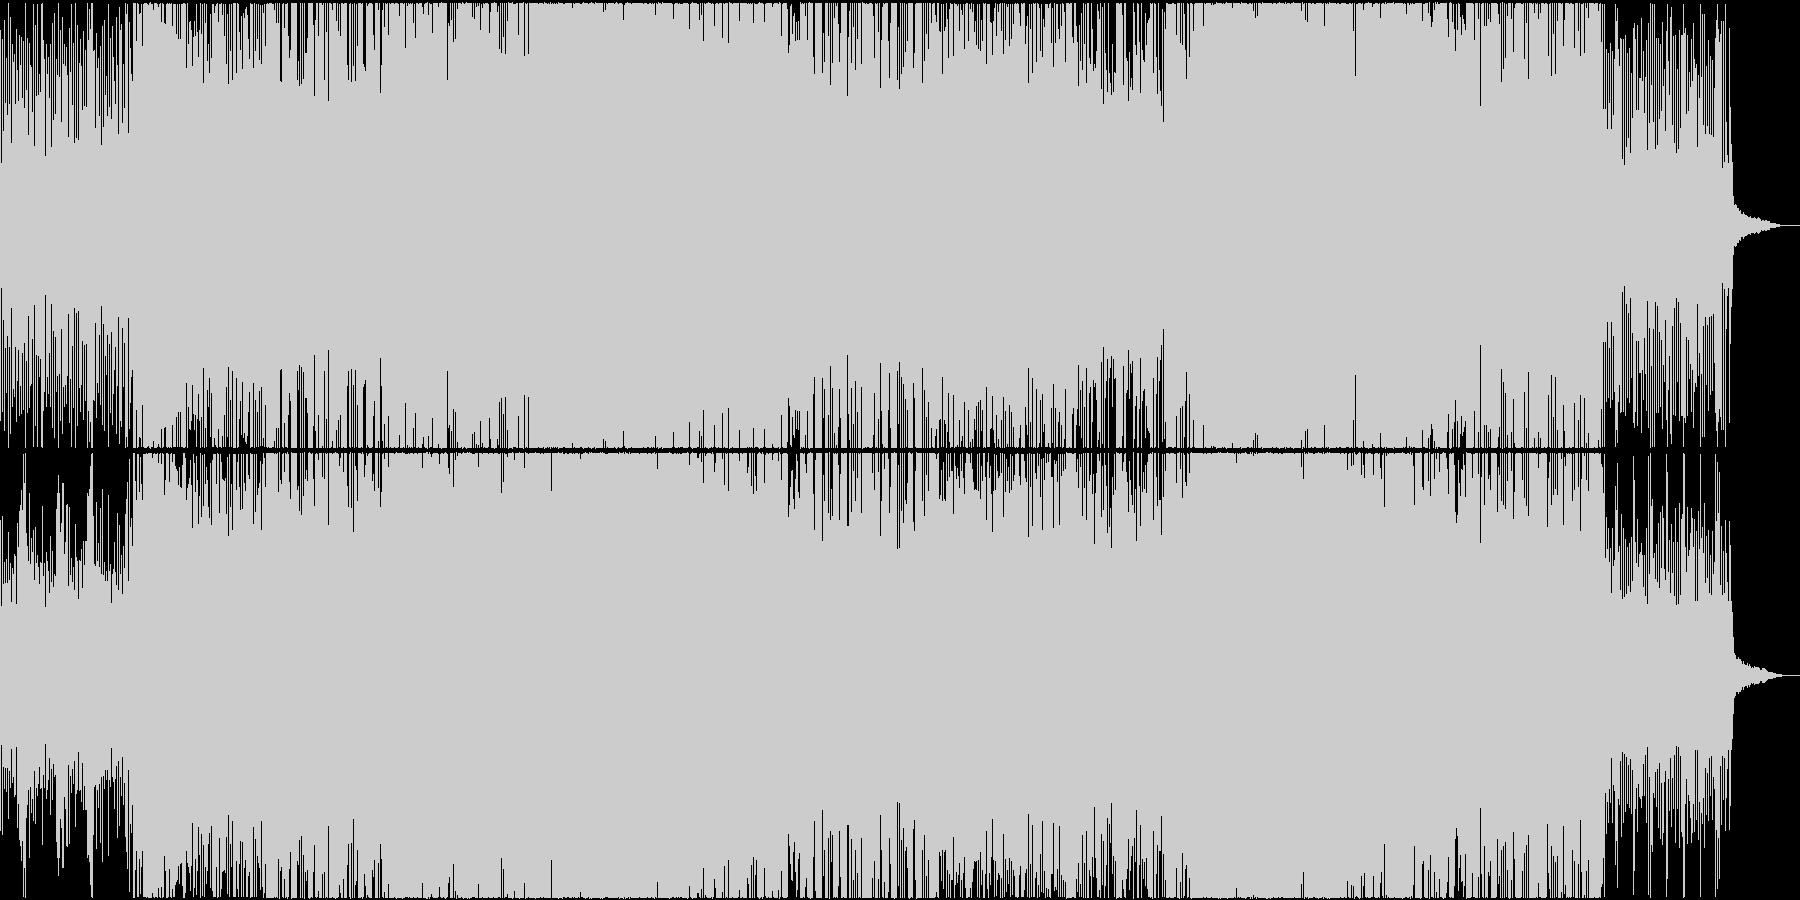 尺八、琴、和太鼓の疾走感のある和風ロックの未再生の波形